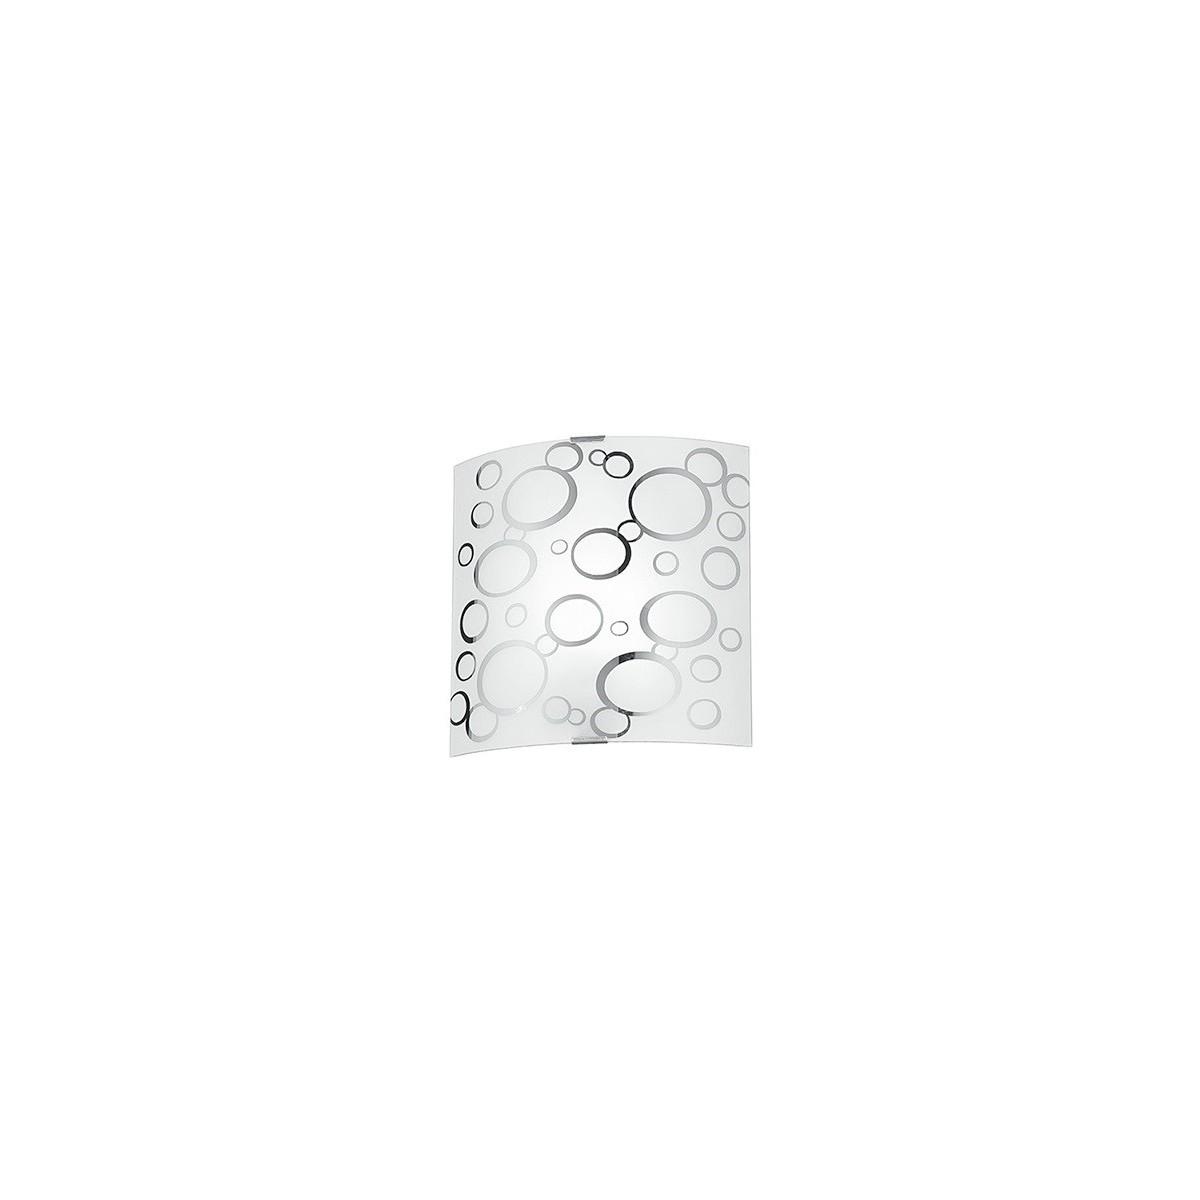 I-BUBBLE / AP - Applique Murale Carrée Bolle Chromate Verre Blanc Moderne E27